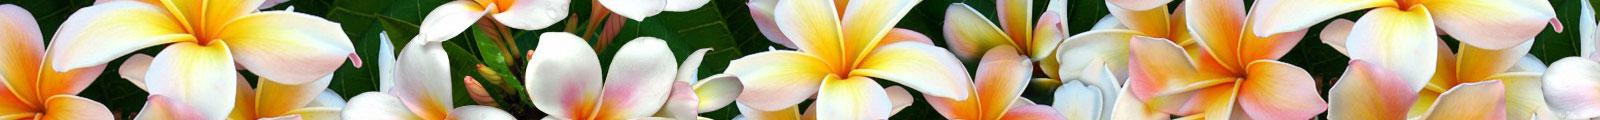 exotic-plumeria-flowers